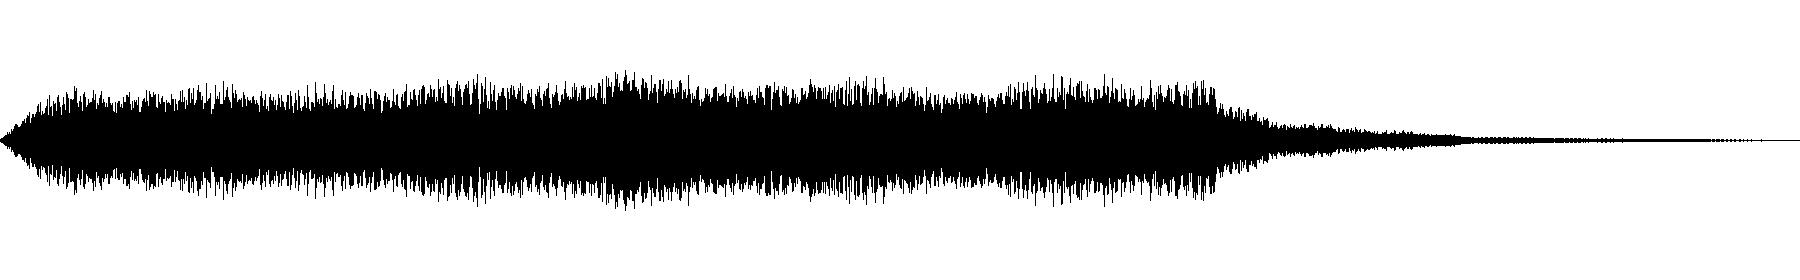 organ asus4